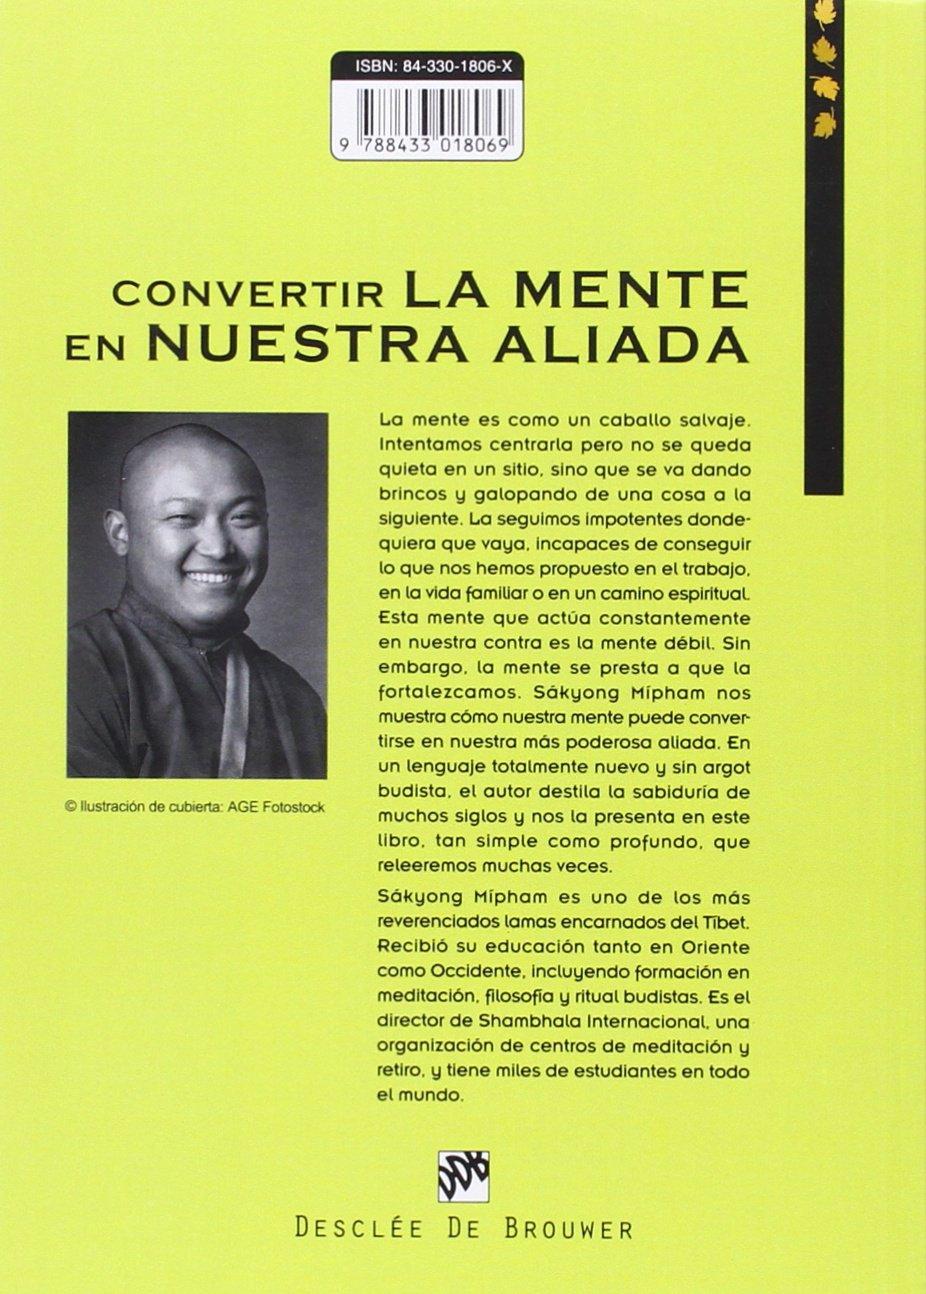 Convertir La Mente En Nuestra Aliada A los cuatro vientos: Amazon.es: Sakyong Mipham: Libros